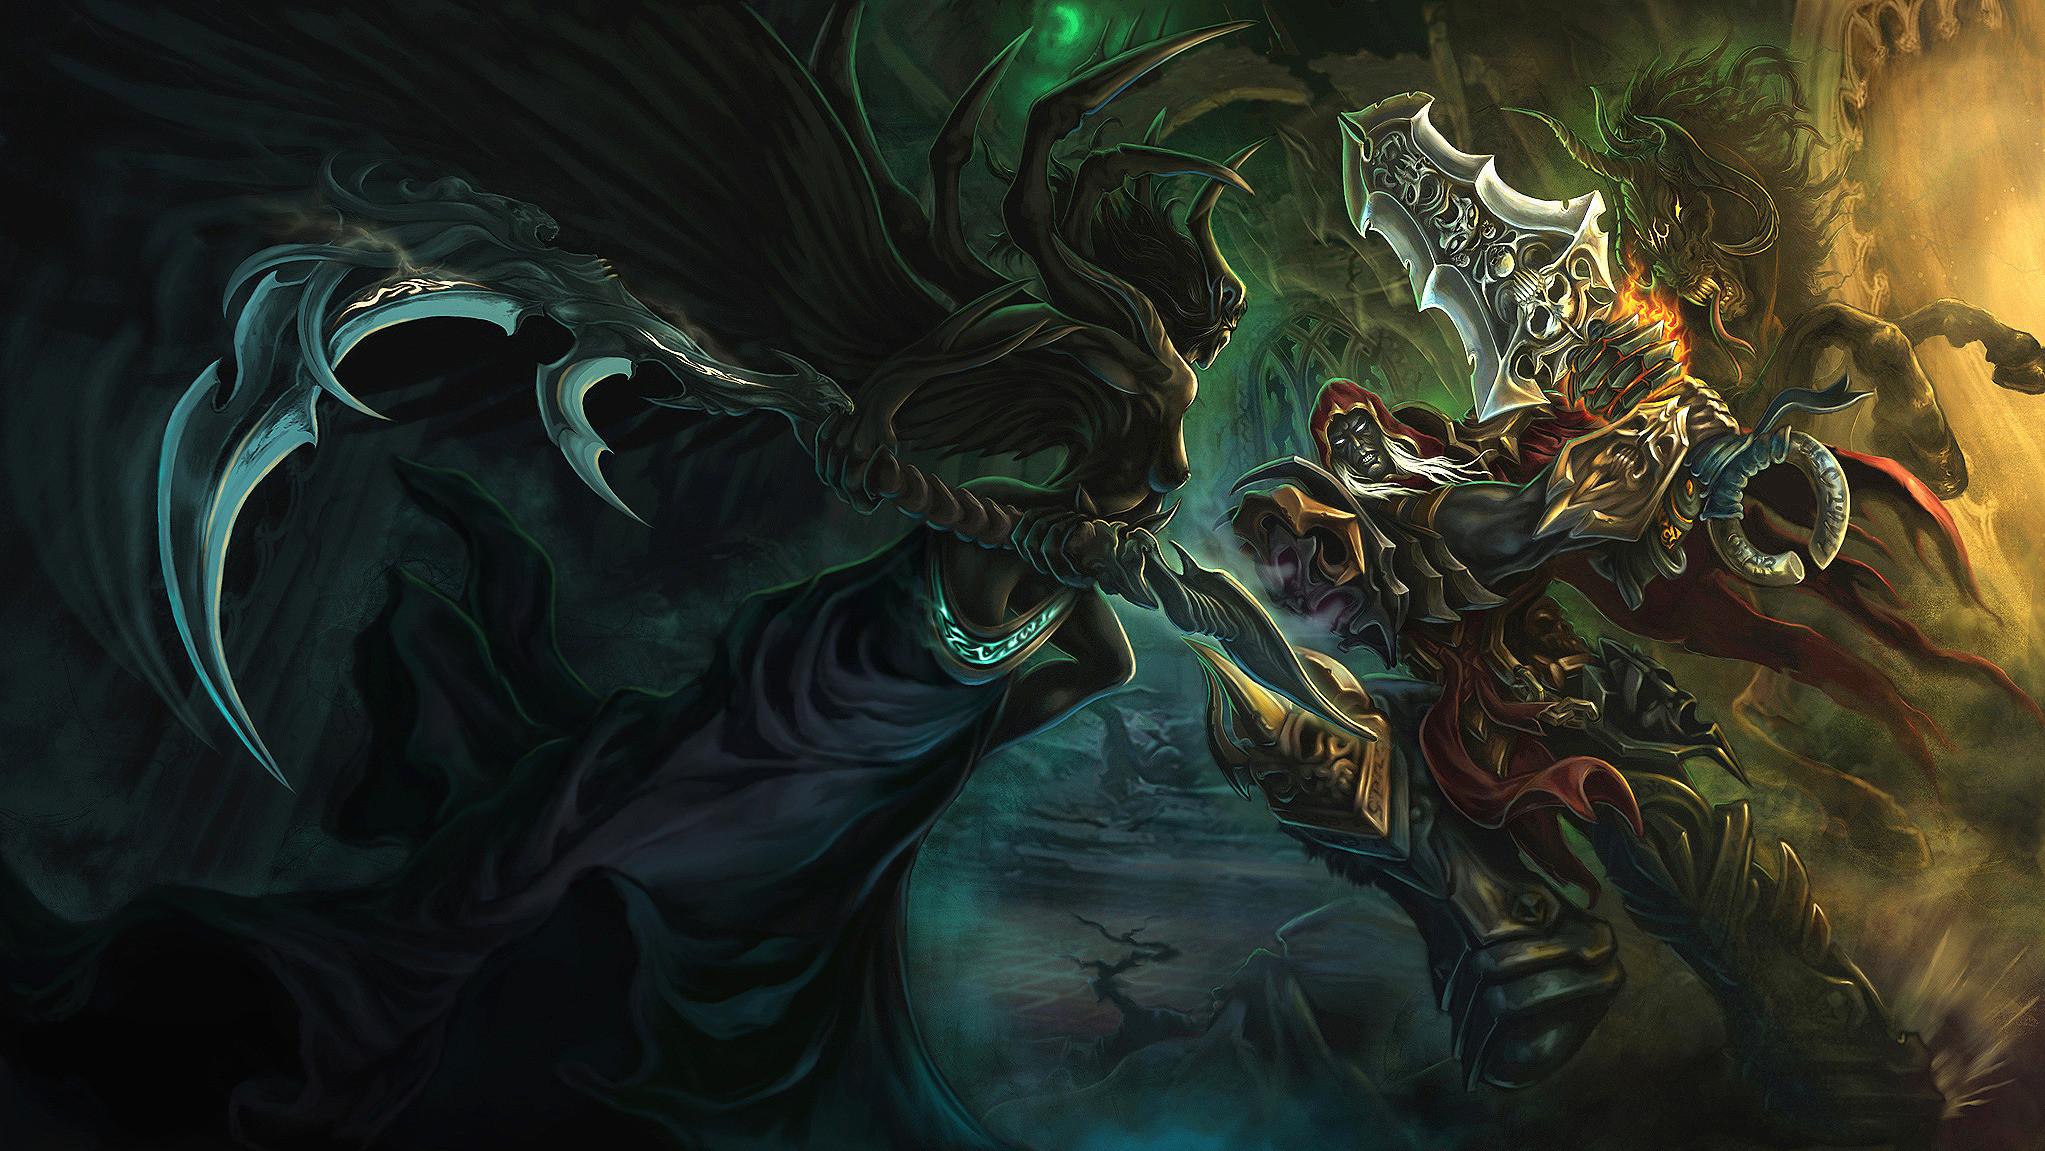 Video Game Darksiders Horsemen Angel Apocalypse Horsemen Of Apocalypse .